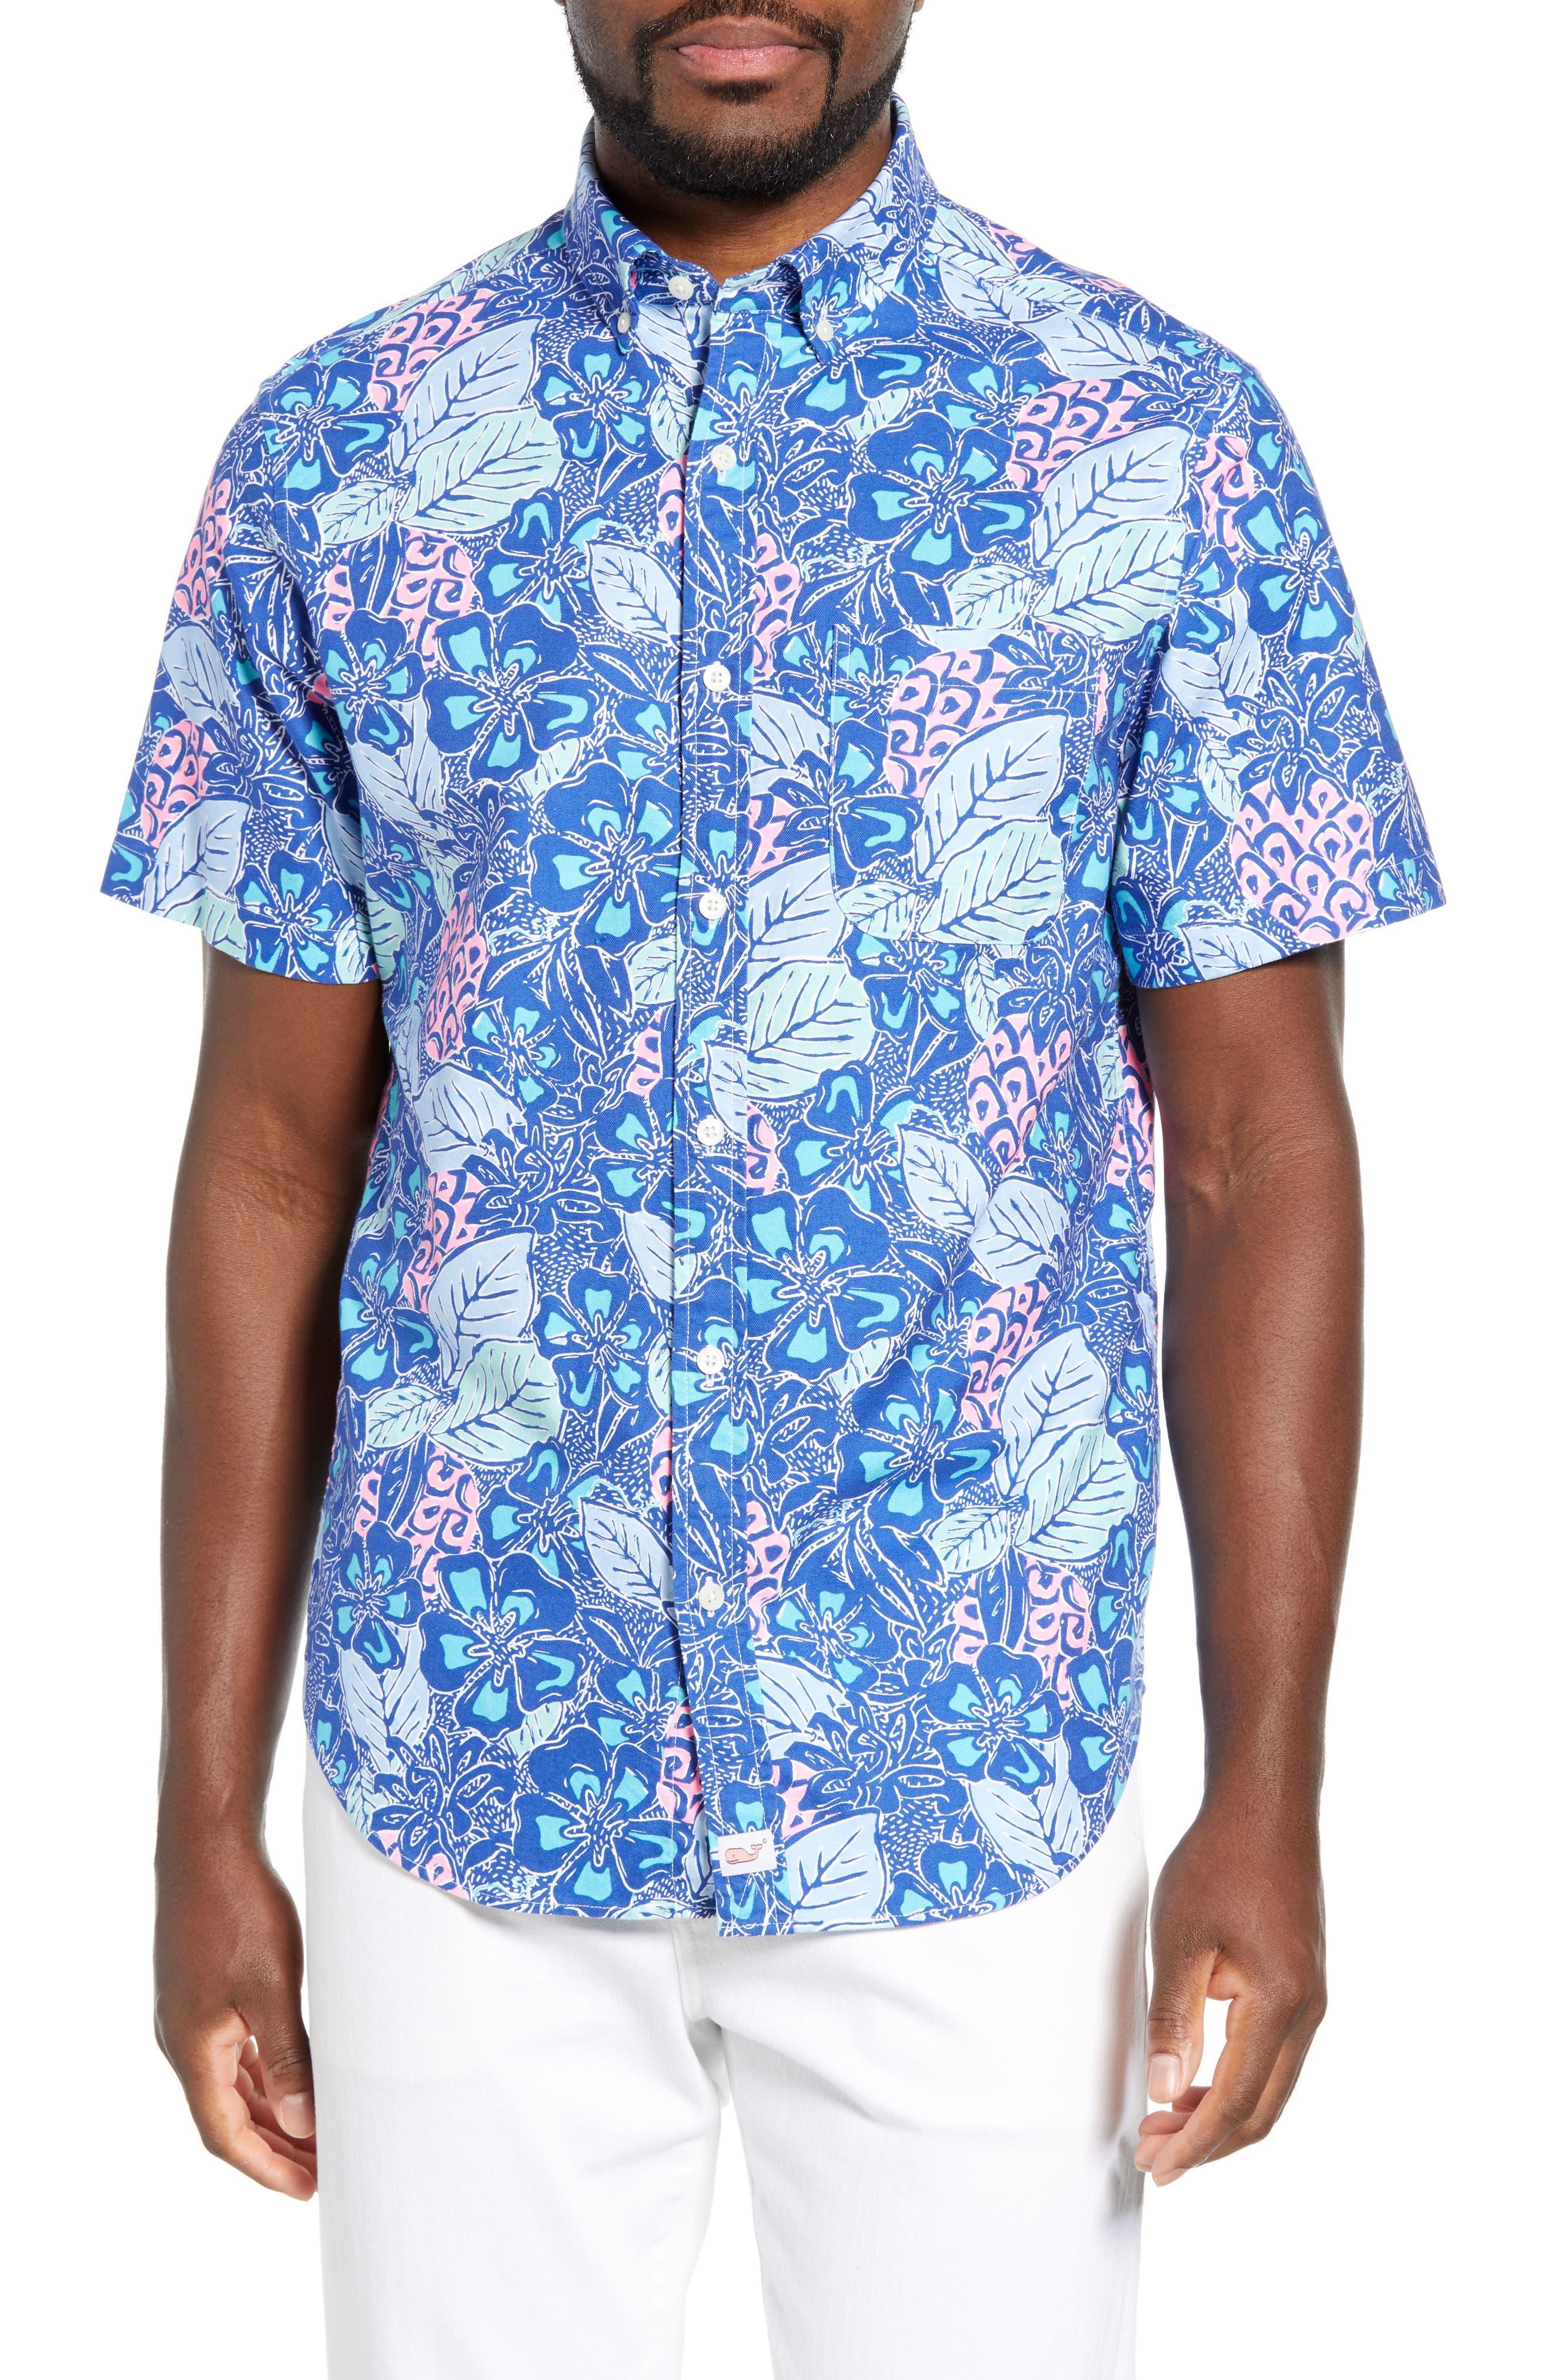 VINEYARD VINES Murray Slim Fit Pineapple Print Sport Shirt, Main, color, ROYAL OCEAN